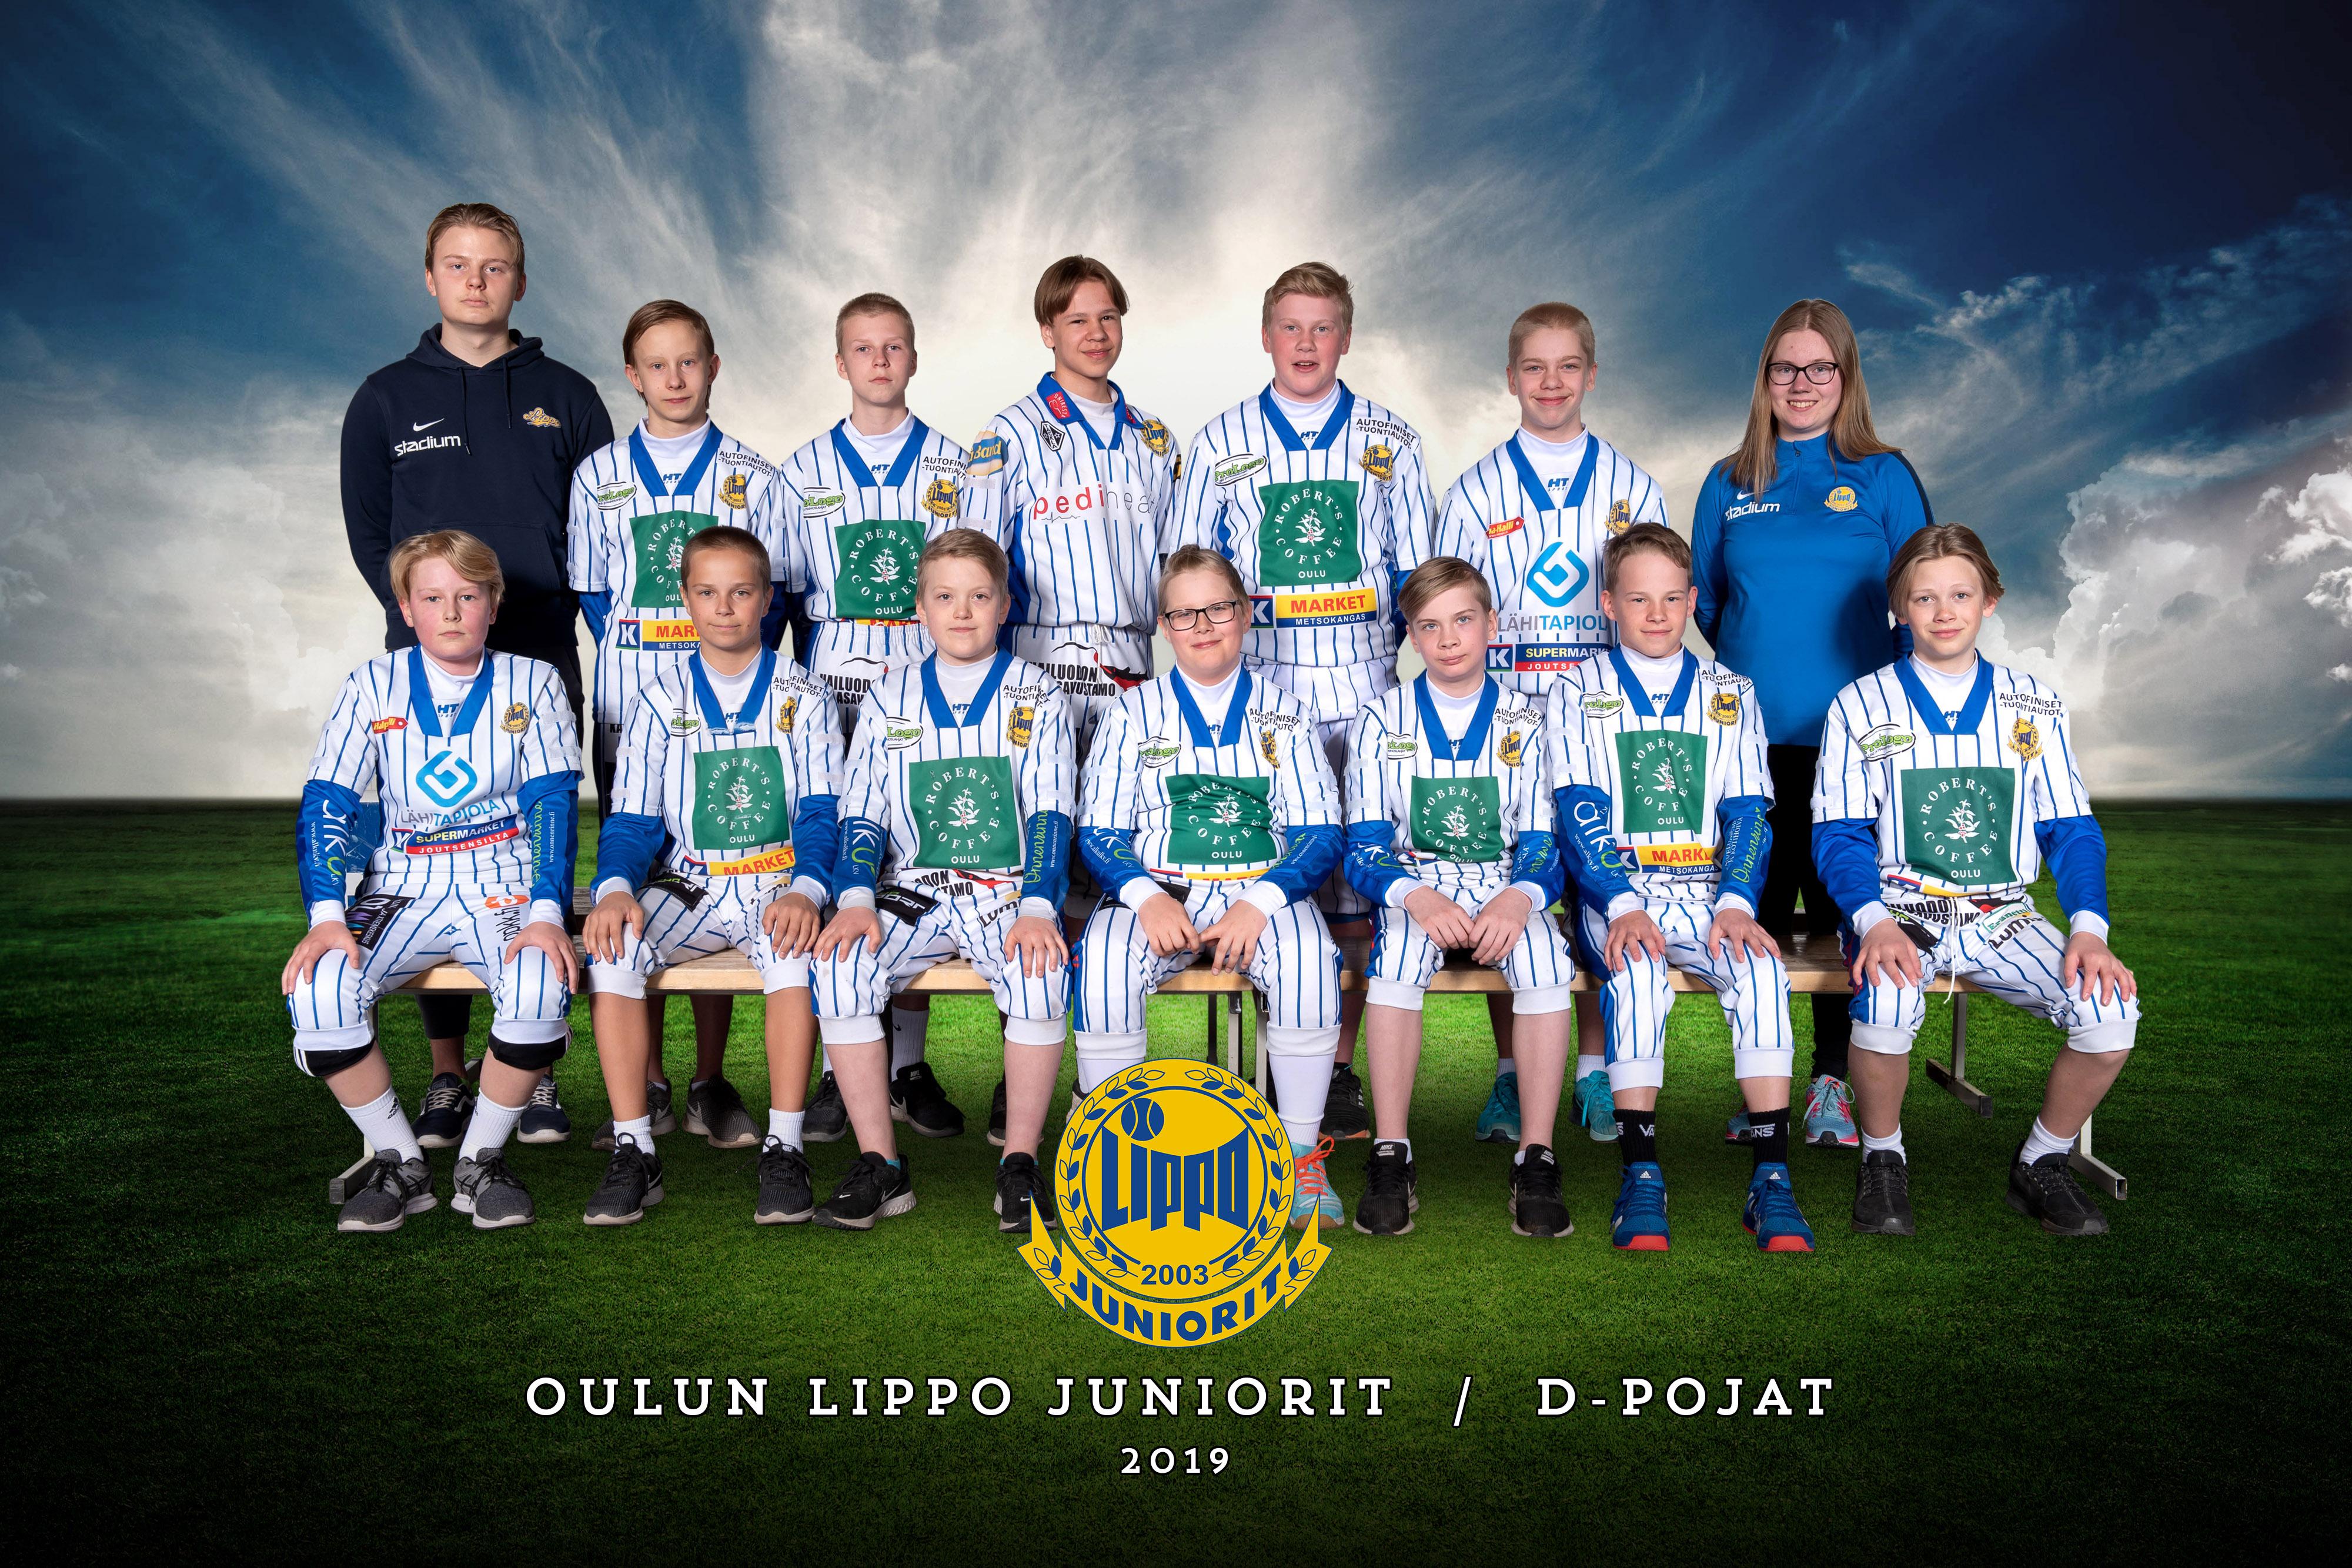 Lippo Juniorit D-pojat 2019 joukkuekuva